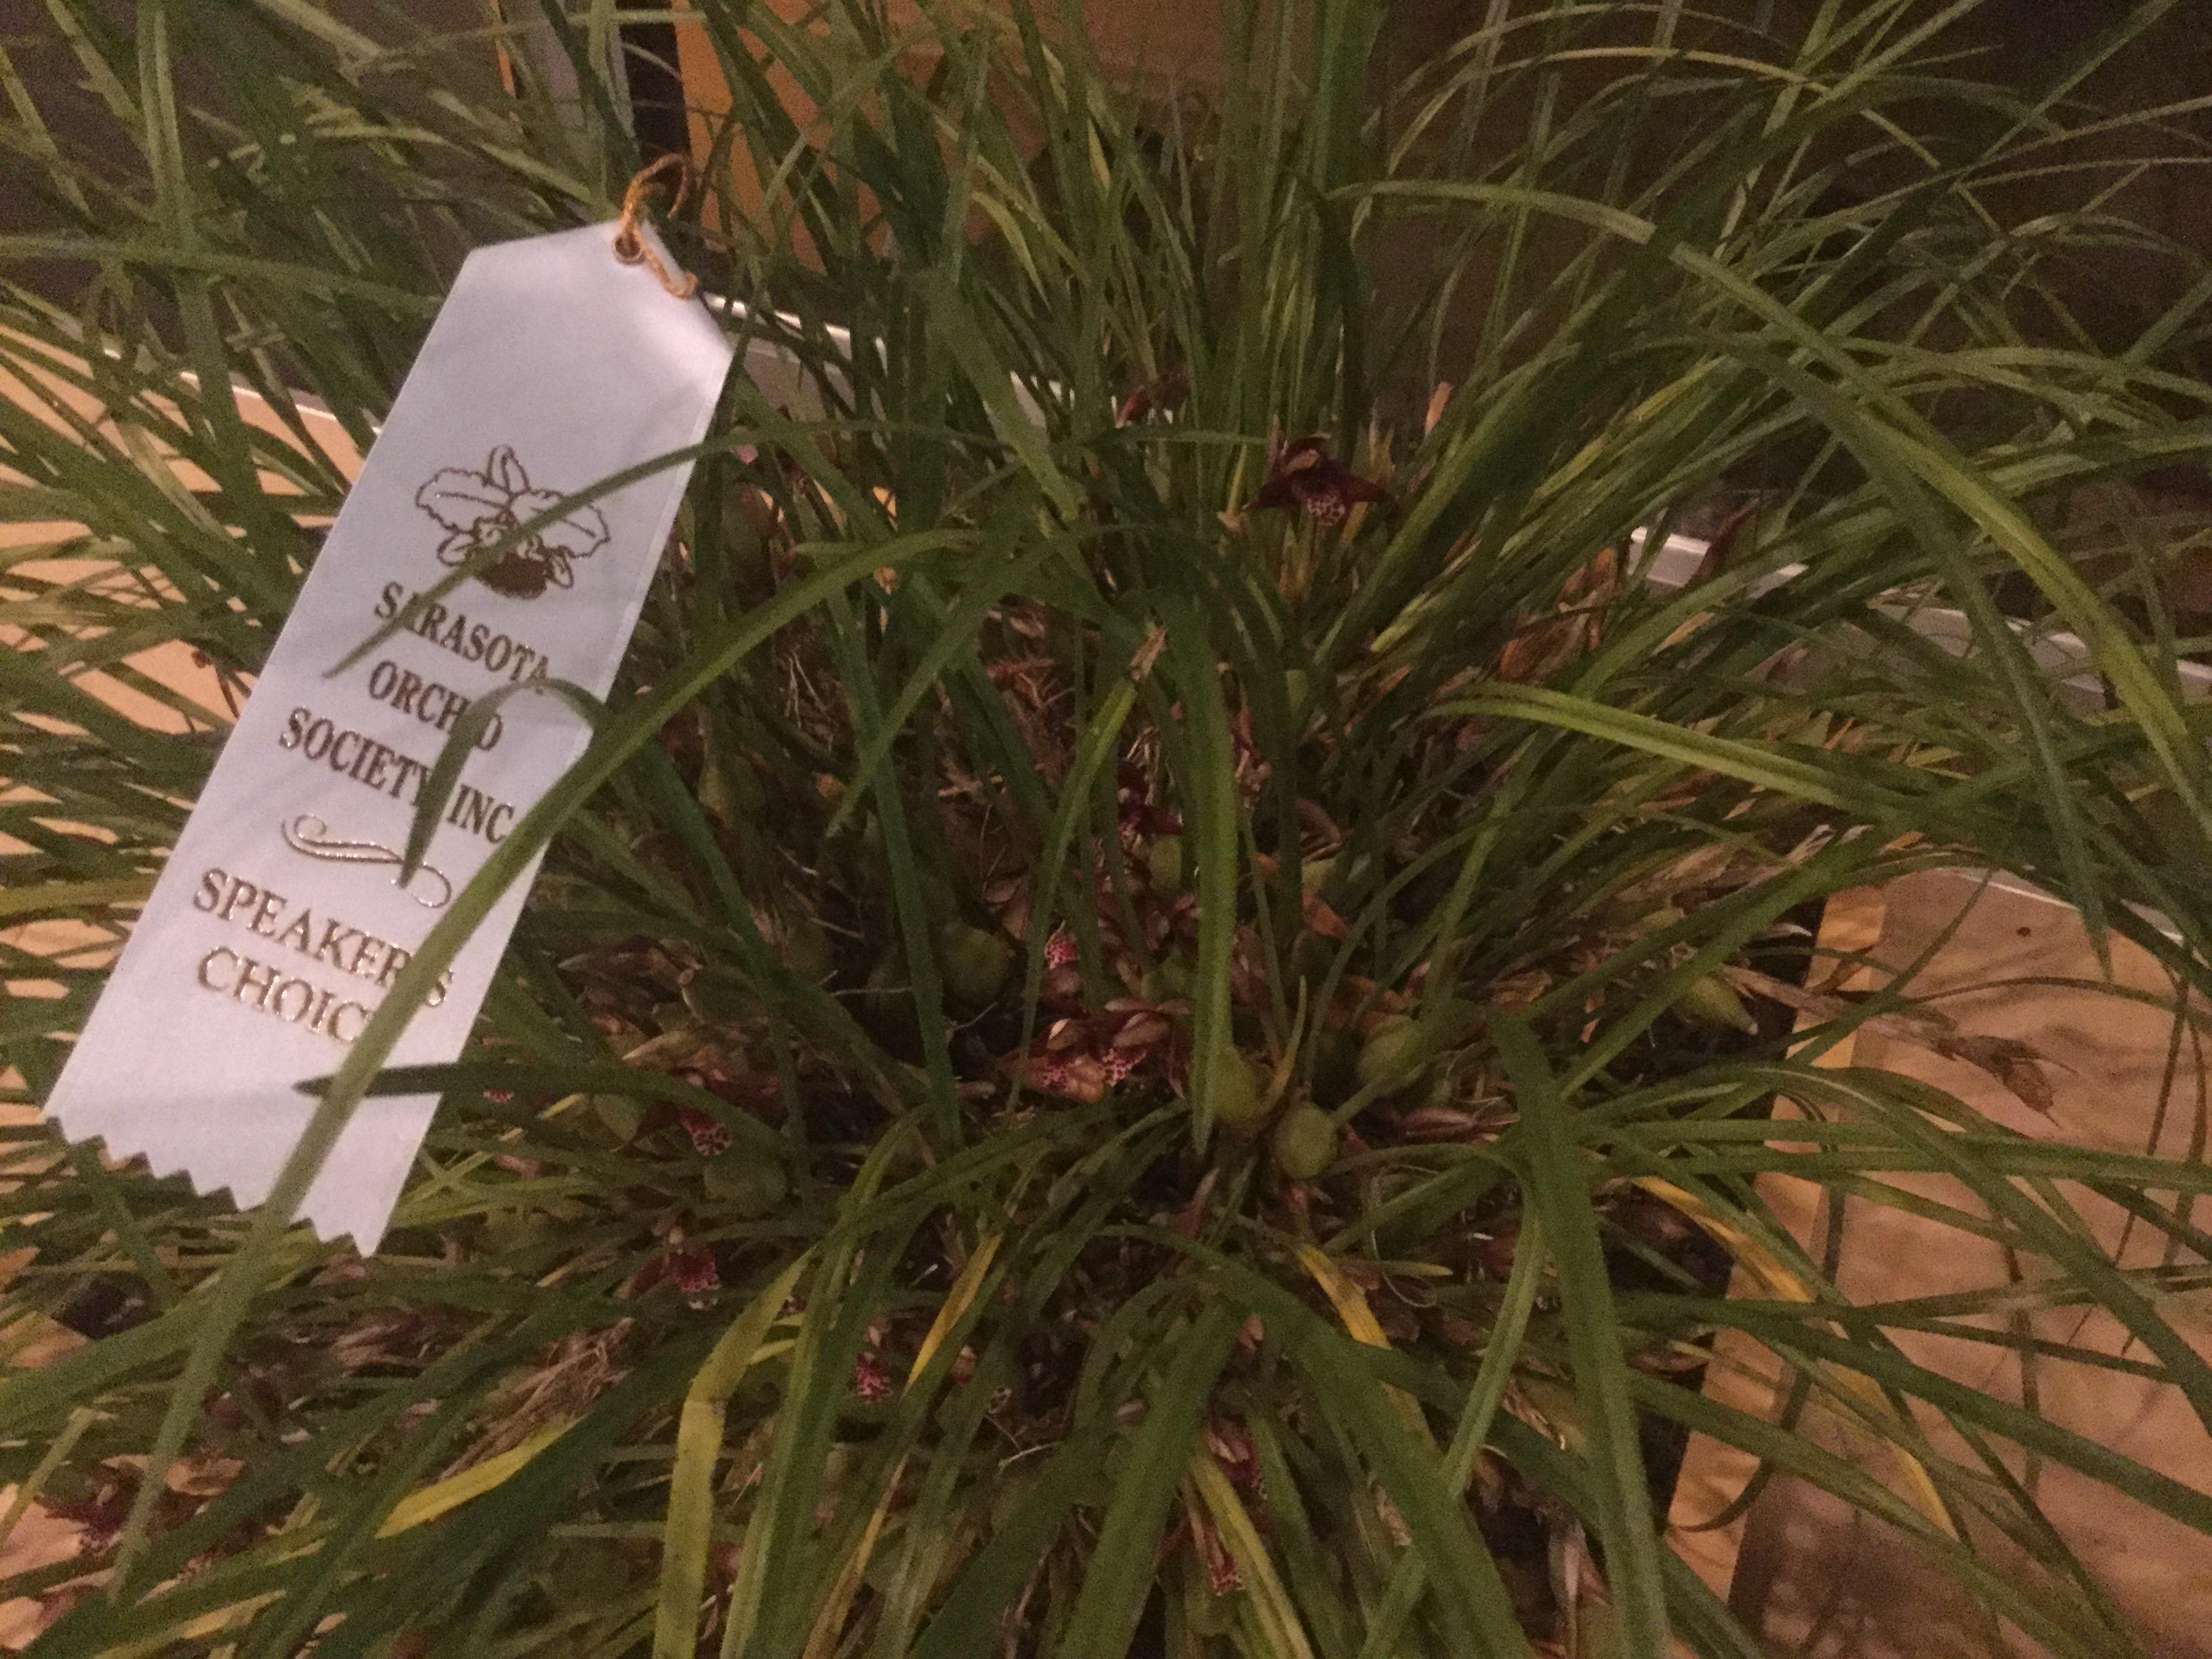 Speaker's Choice-Jack Knuese-Max. tenuifolia